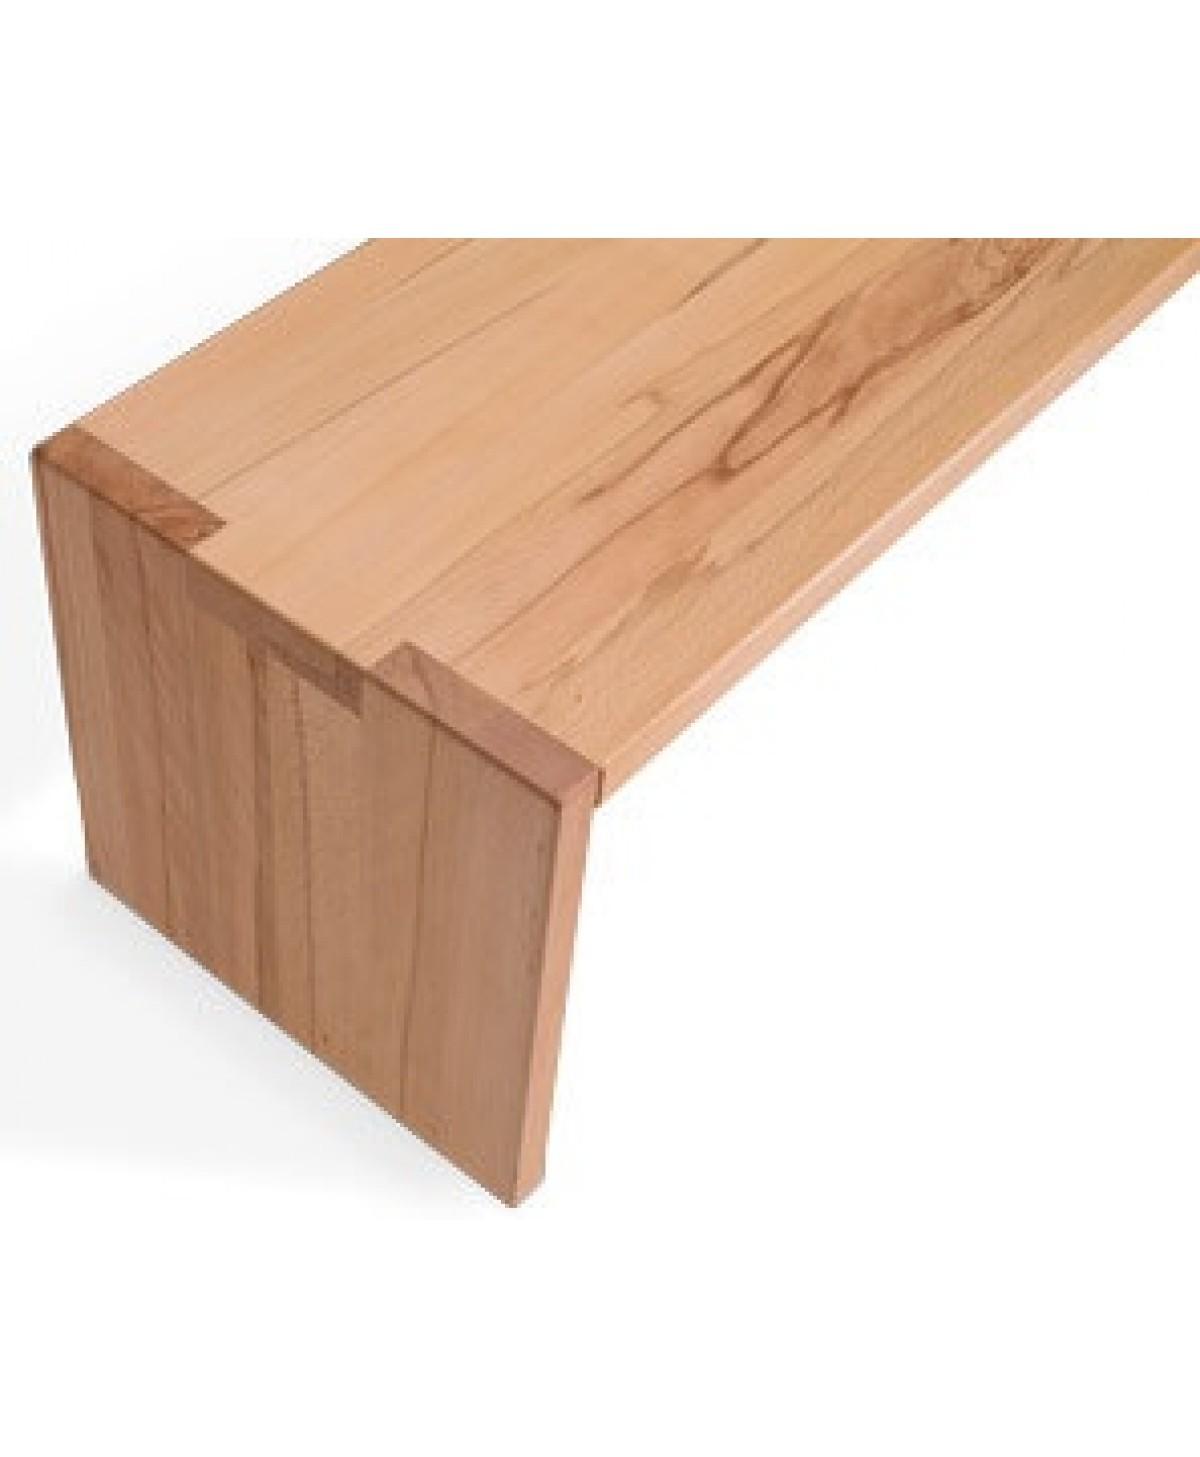 Houten bankje slaapkamer - Slaapkamer houten ...